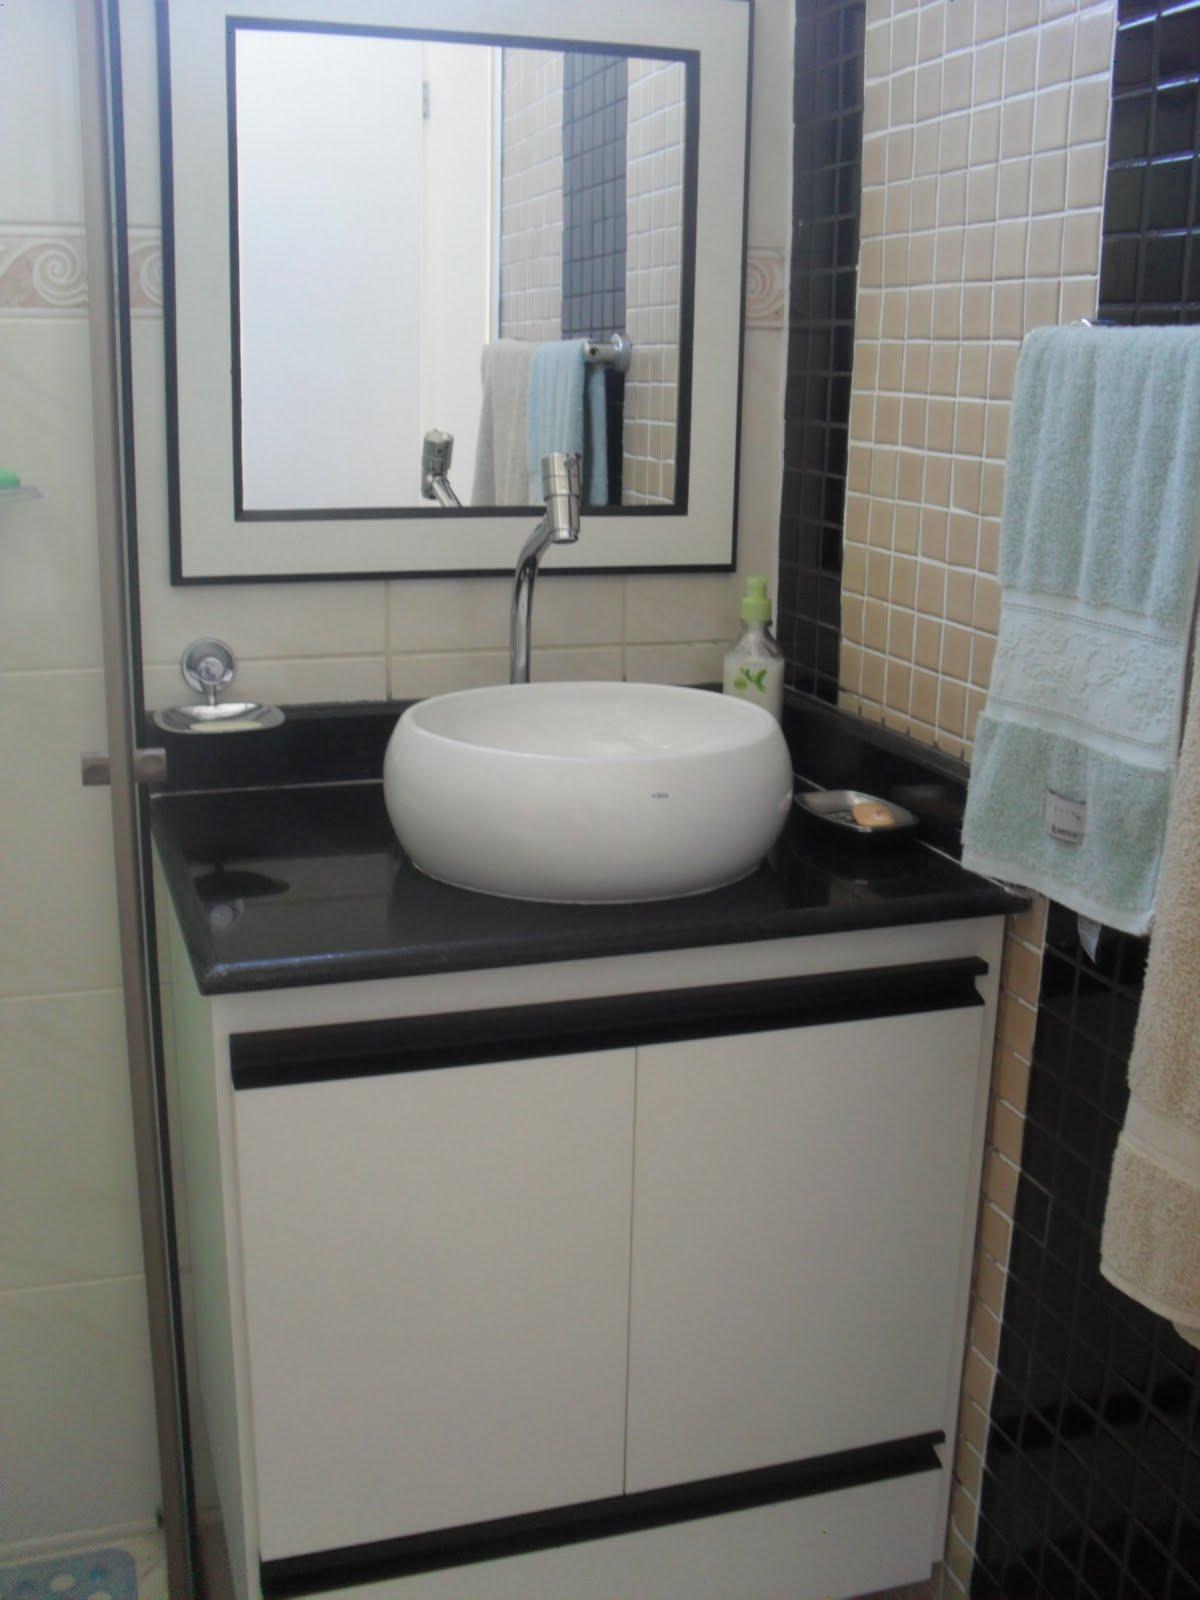 ART MAX Marcenaria: gabinete de banheiro #5C5143 1200 1600